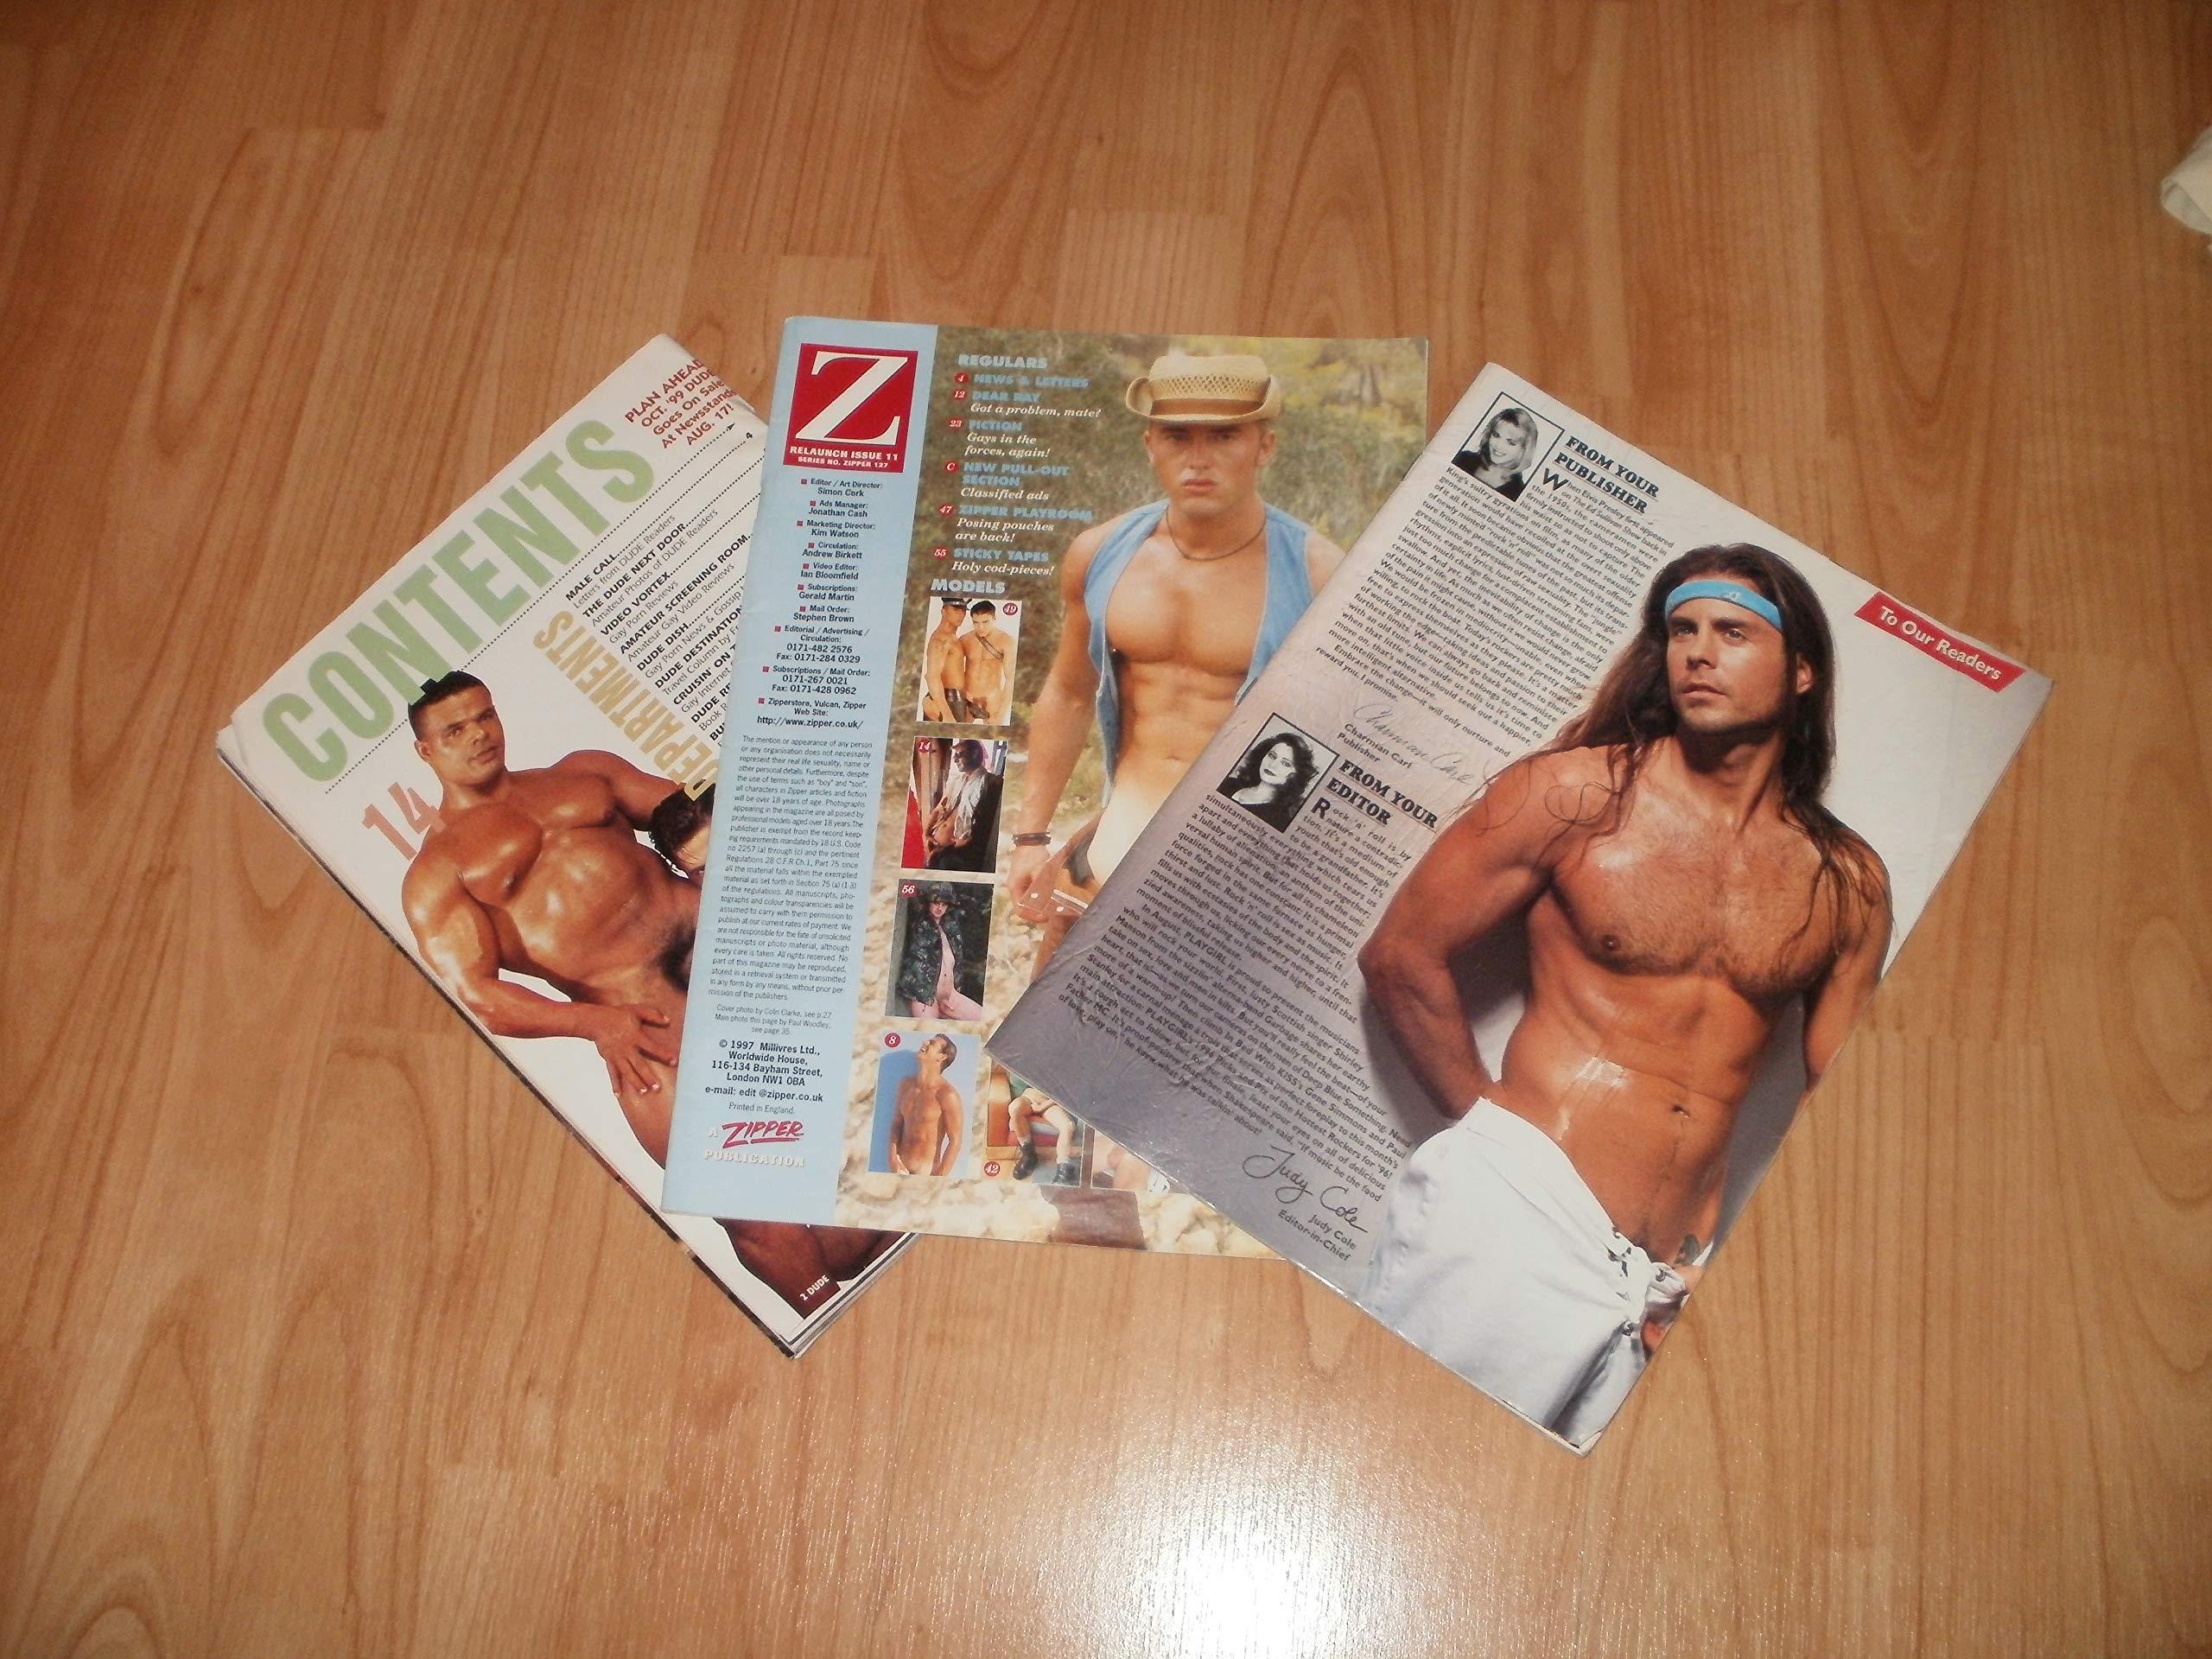 Various Tatty Gay Magazines 3 pack: Amazon.co.uk: US Magazines:  9771350039019: Books